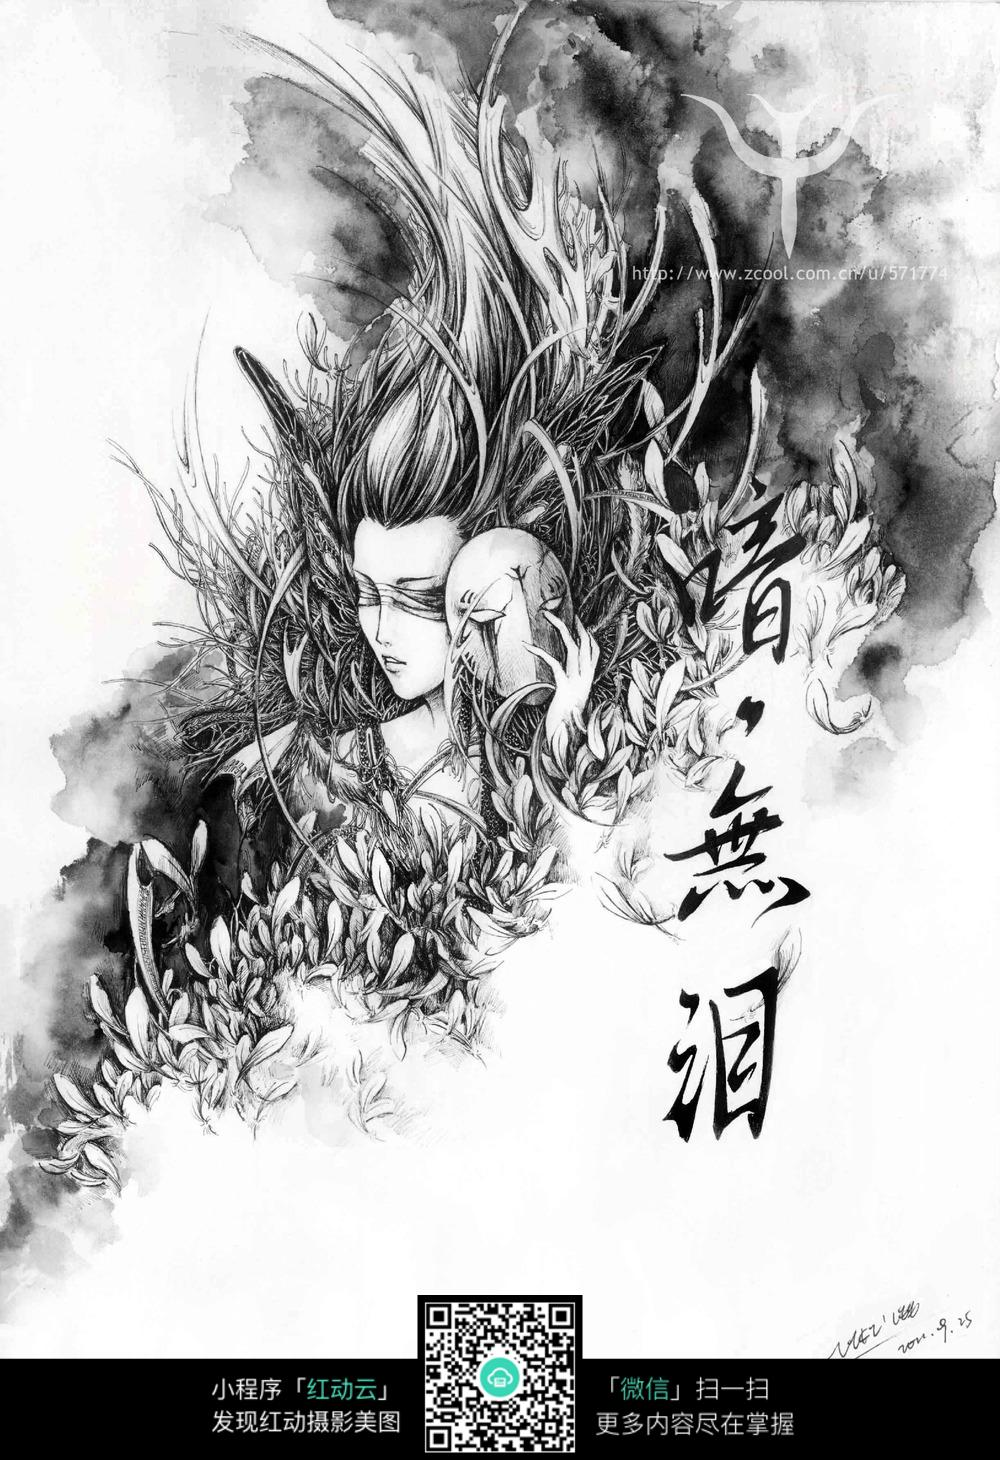 《织魂二卷》-暗无泪美女黑白水墨钢笔线描画